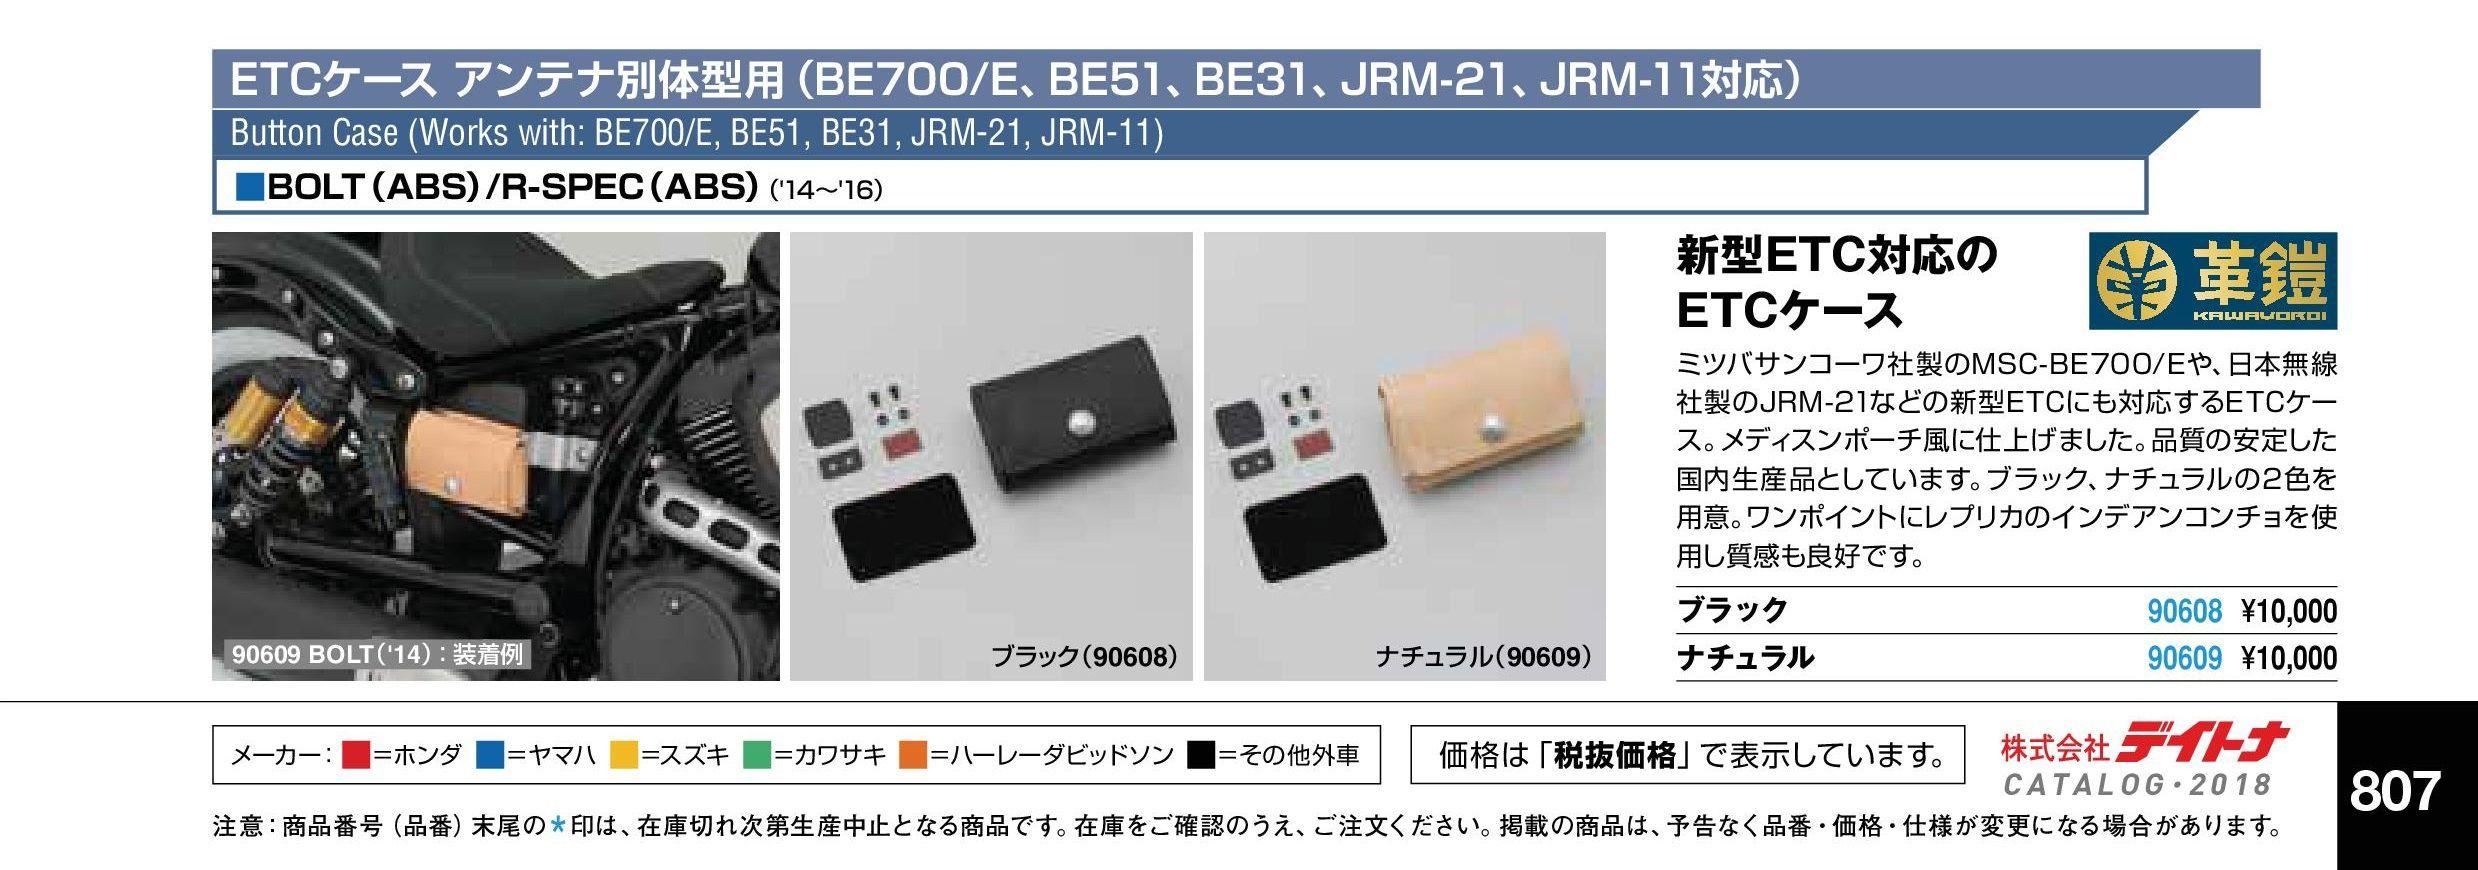 catalog2018_model04